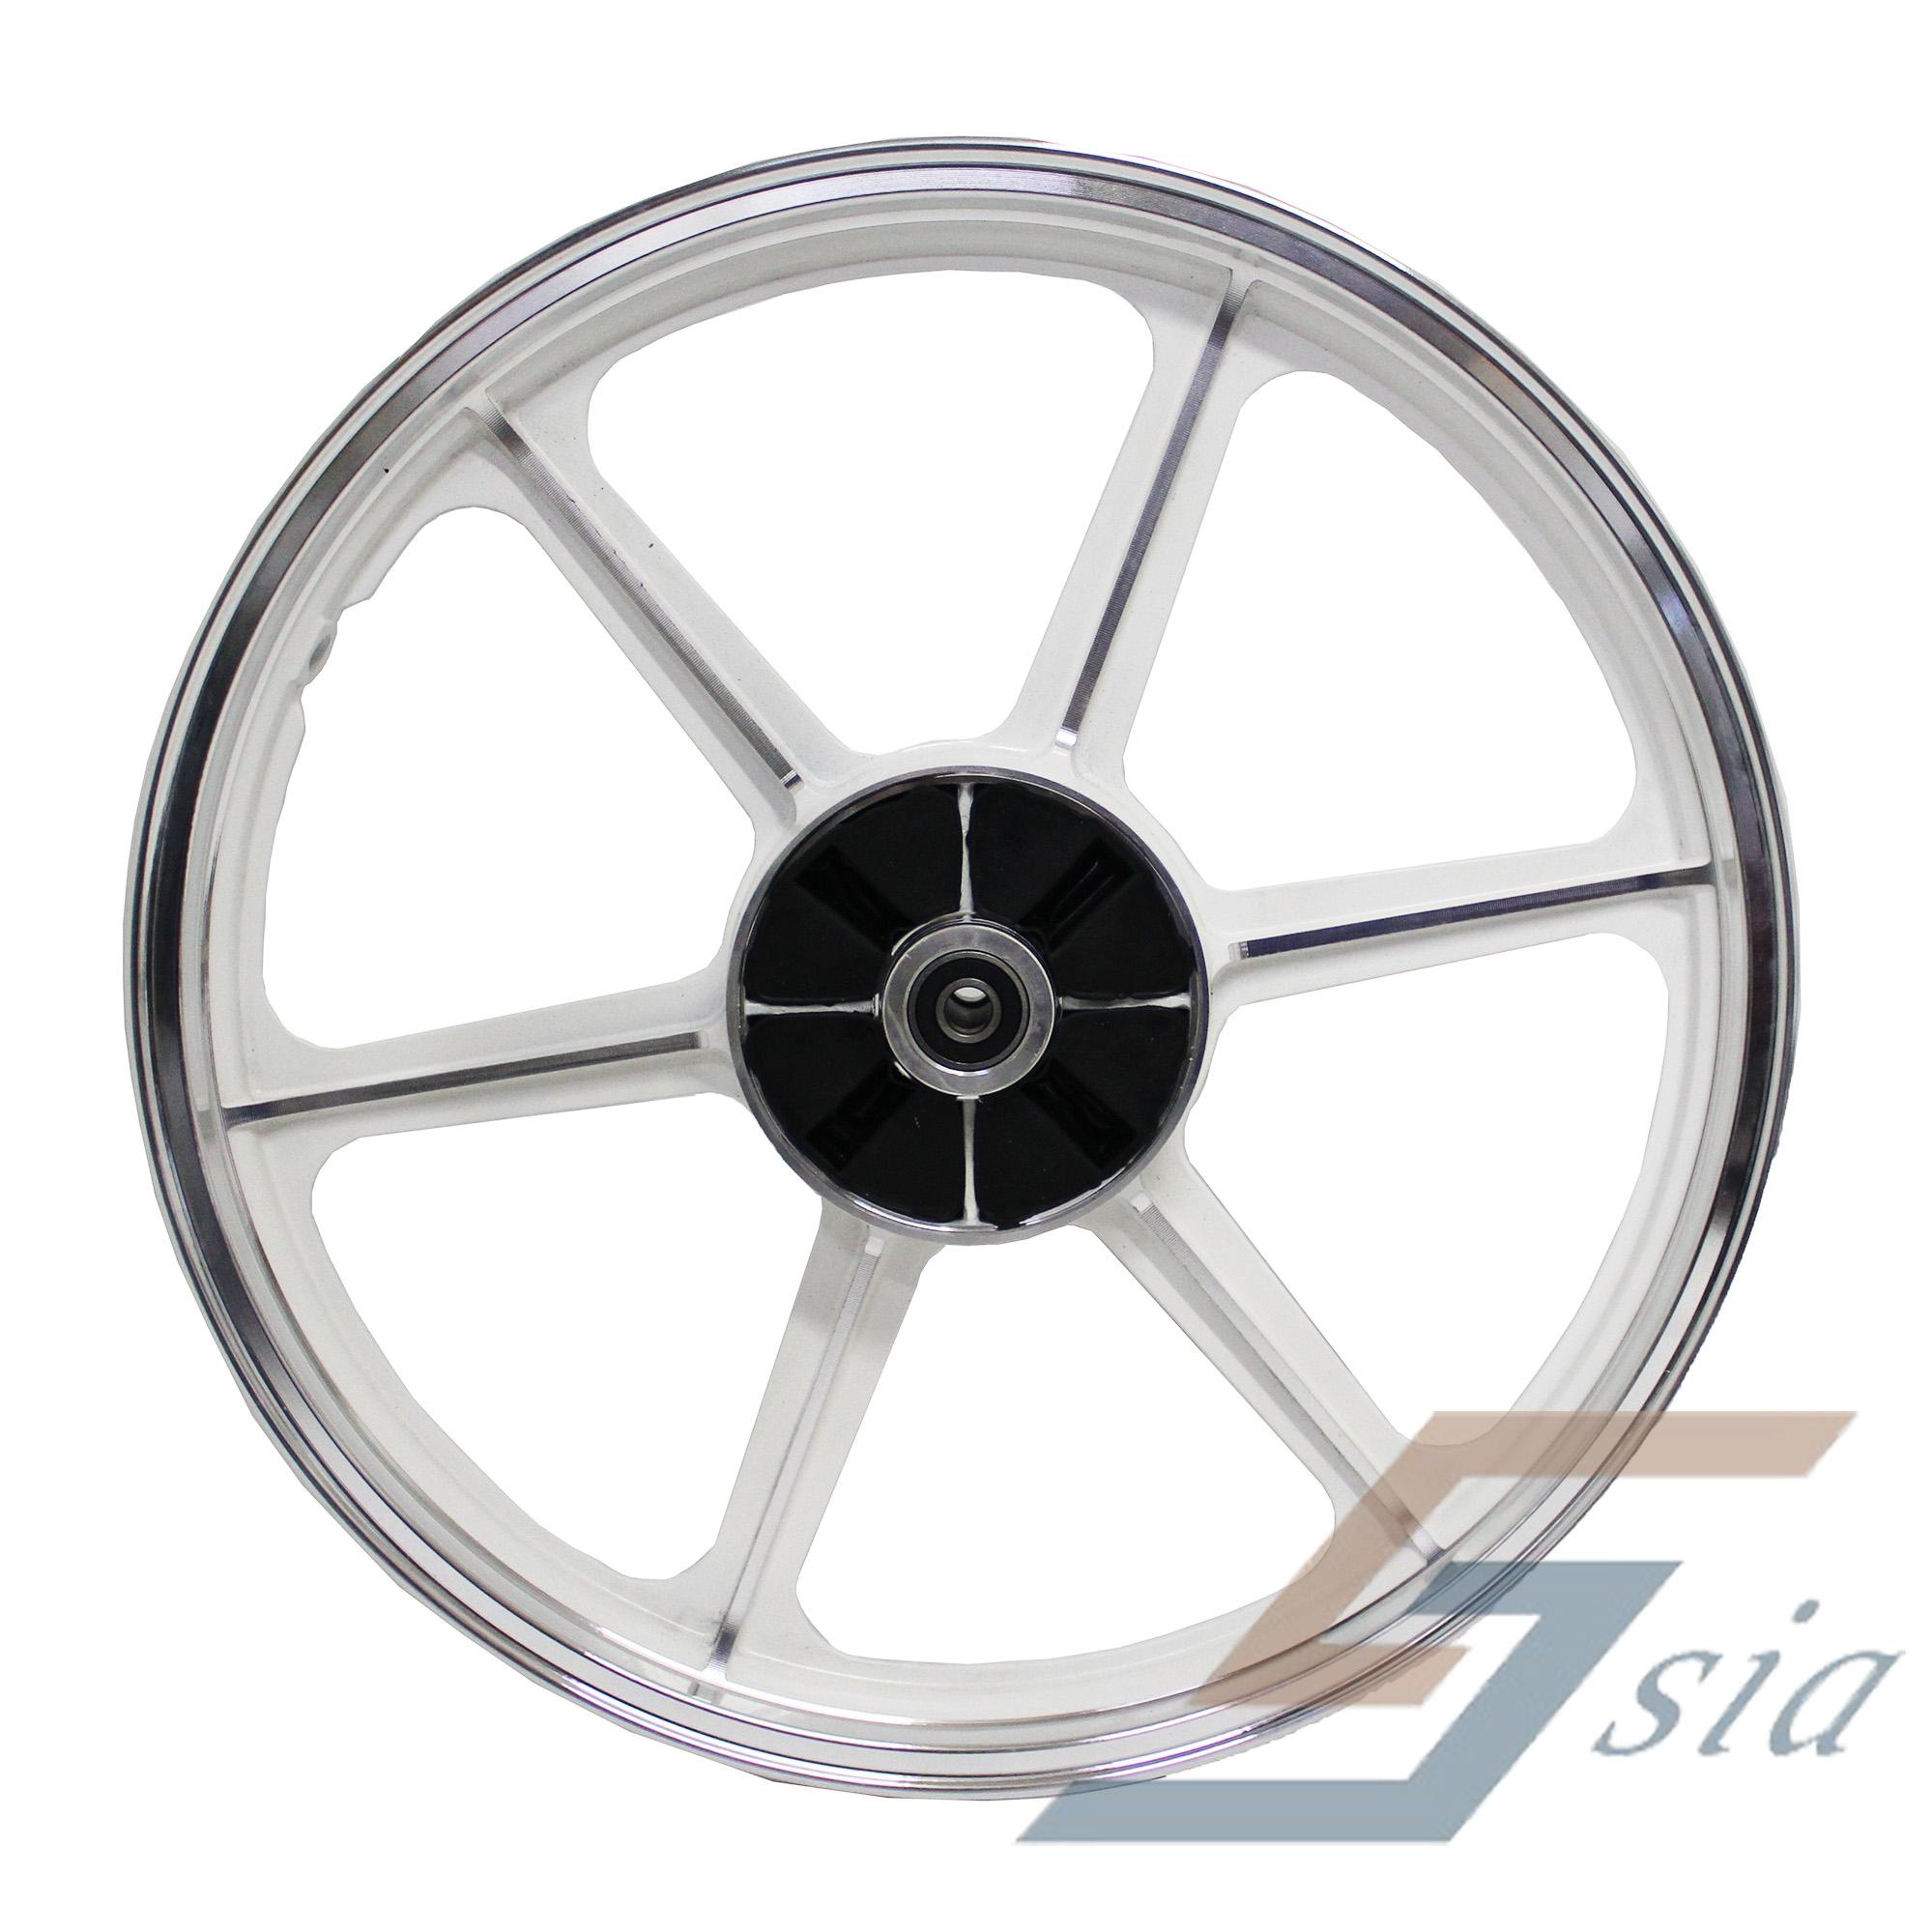 Honda EX5-Dream AAP Racing Sport Ri (end 5/25/2021 12:00 AM)